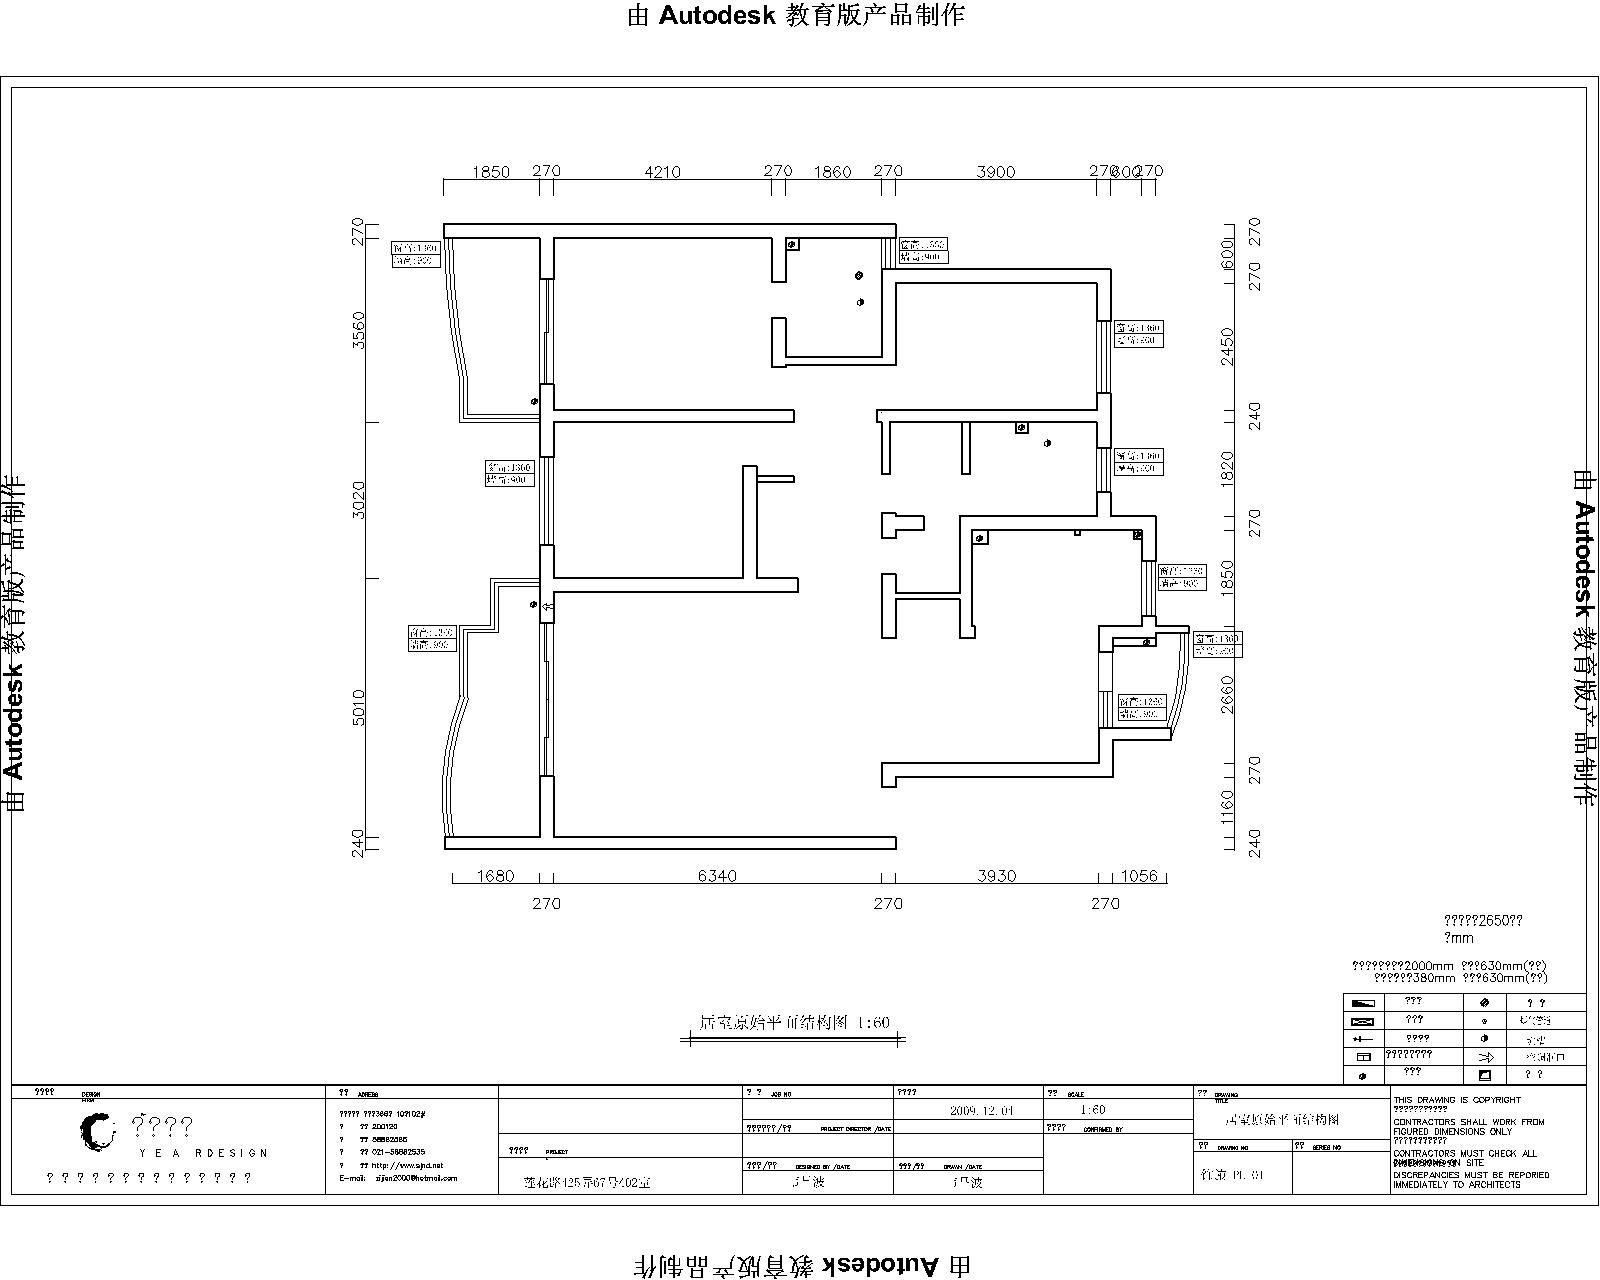 莲花路425弄67号  原始结构图.jpg